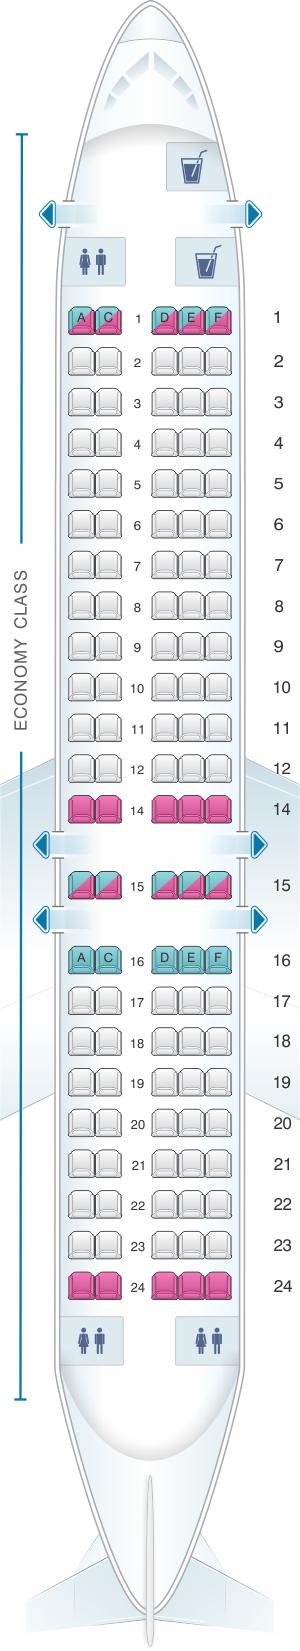 Where To Buy Toilet Seats